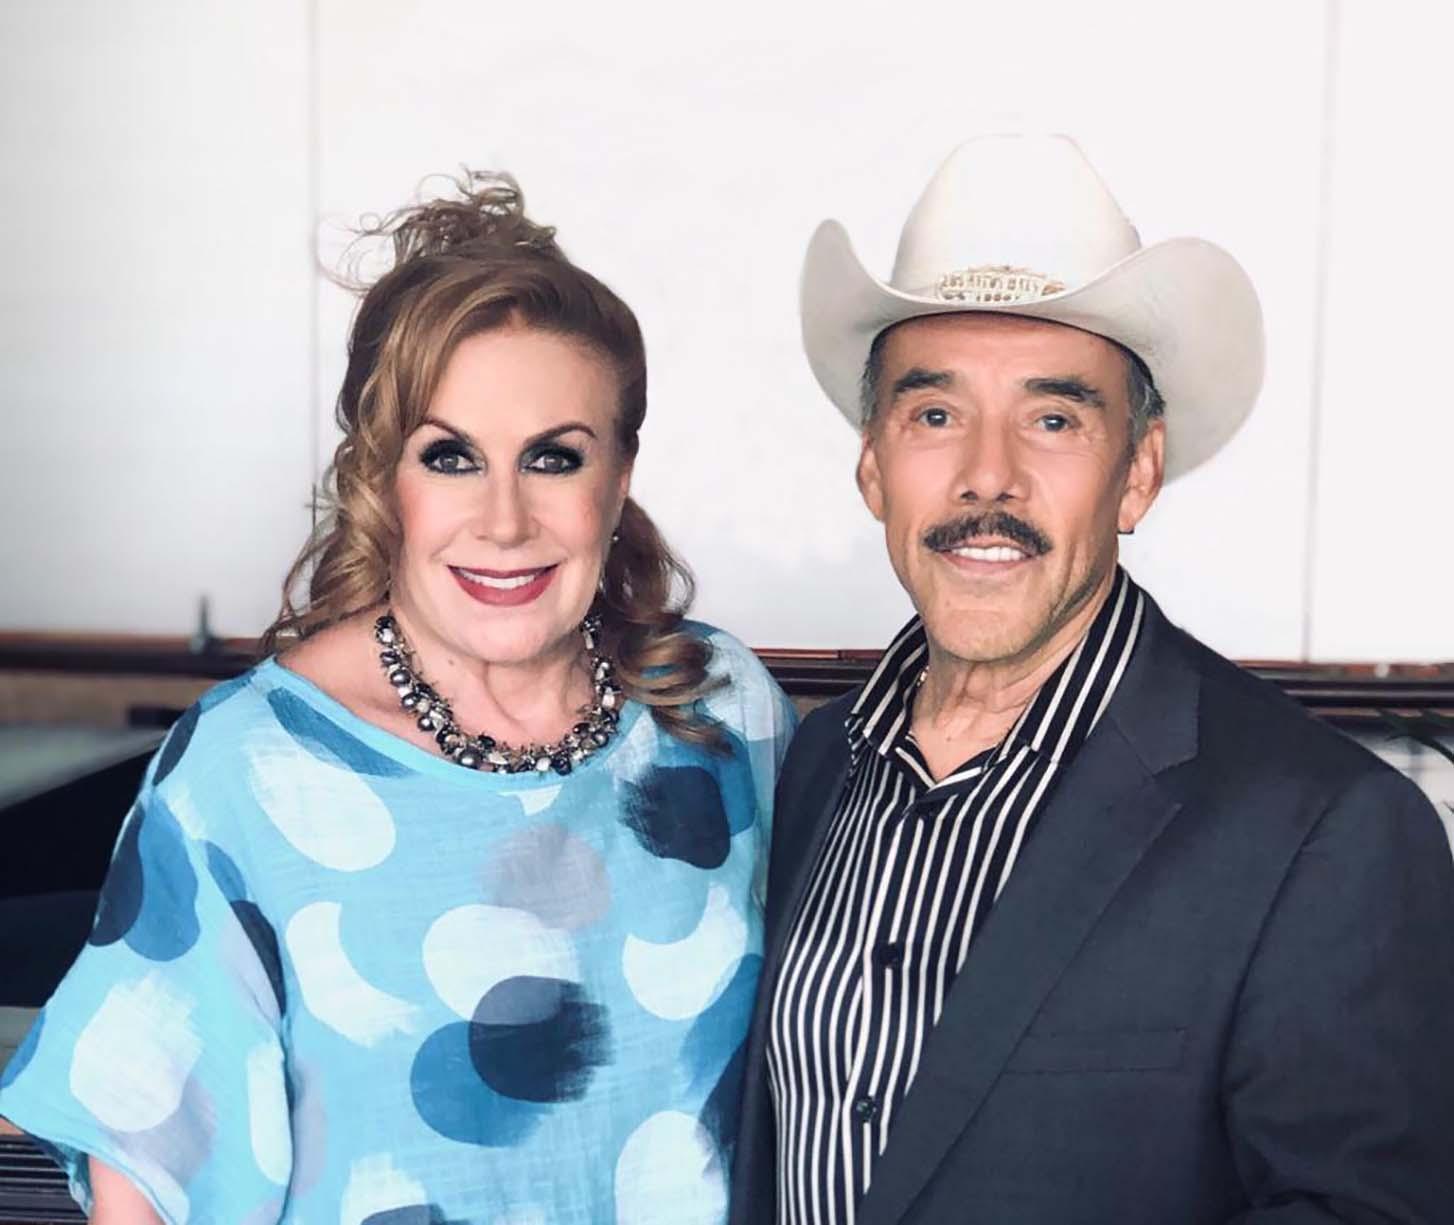 Laura Zapata y Don Pedro Rivera - Buzz - October 2019